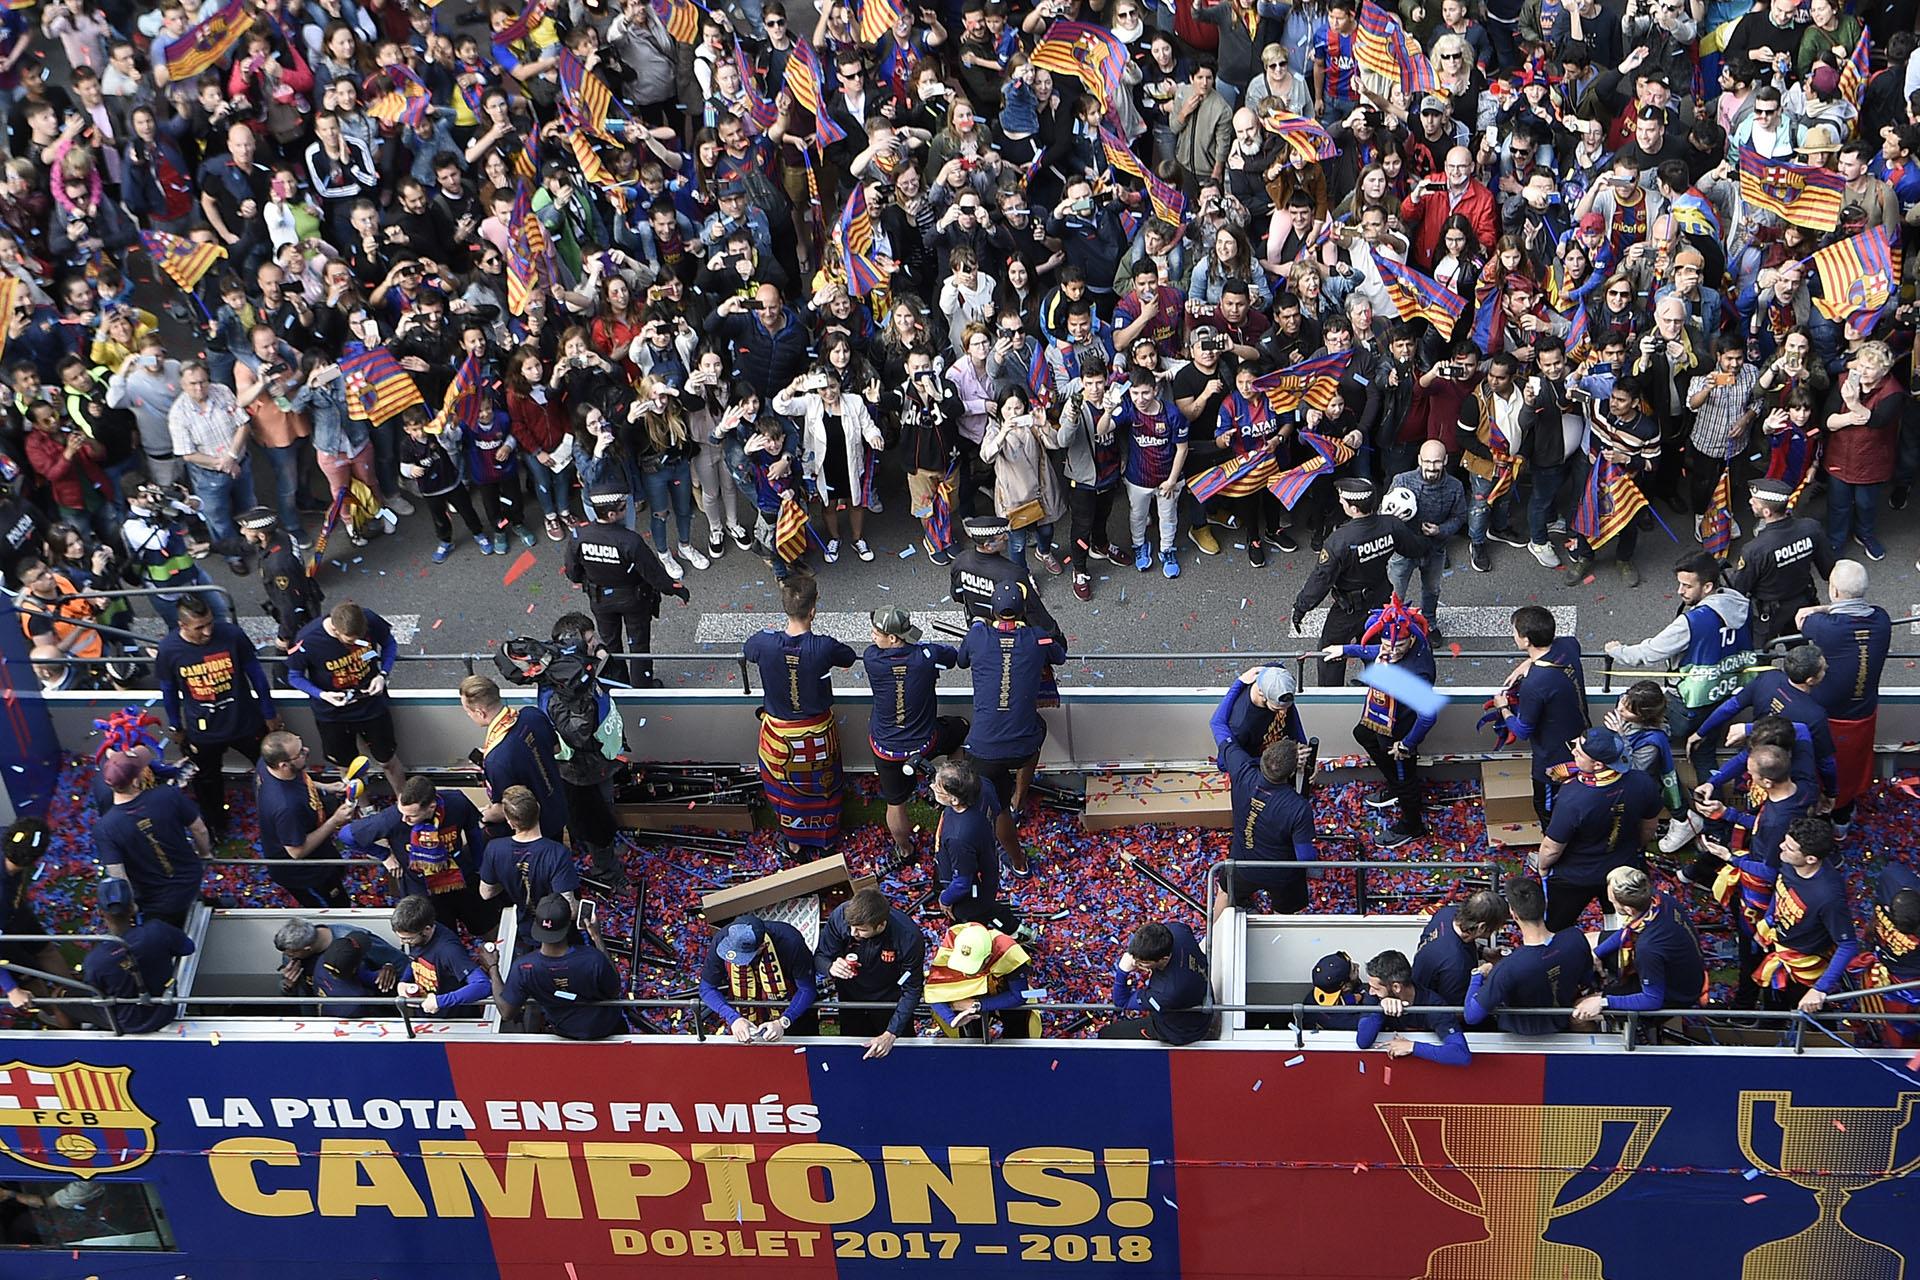 En 34 partidos, el Barcelona sumó 26 victorias y 8 empates